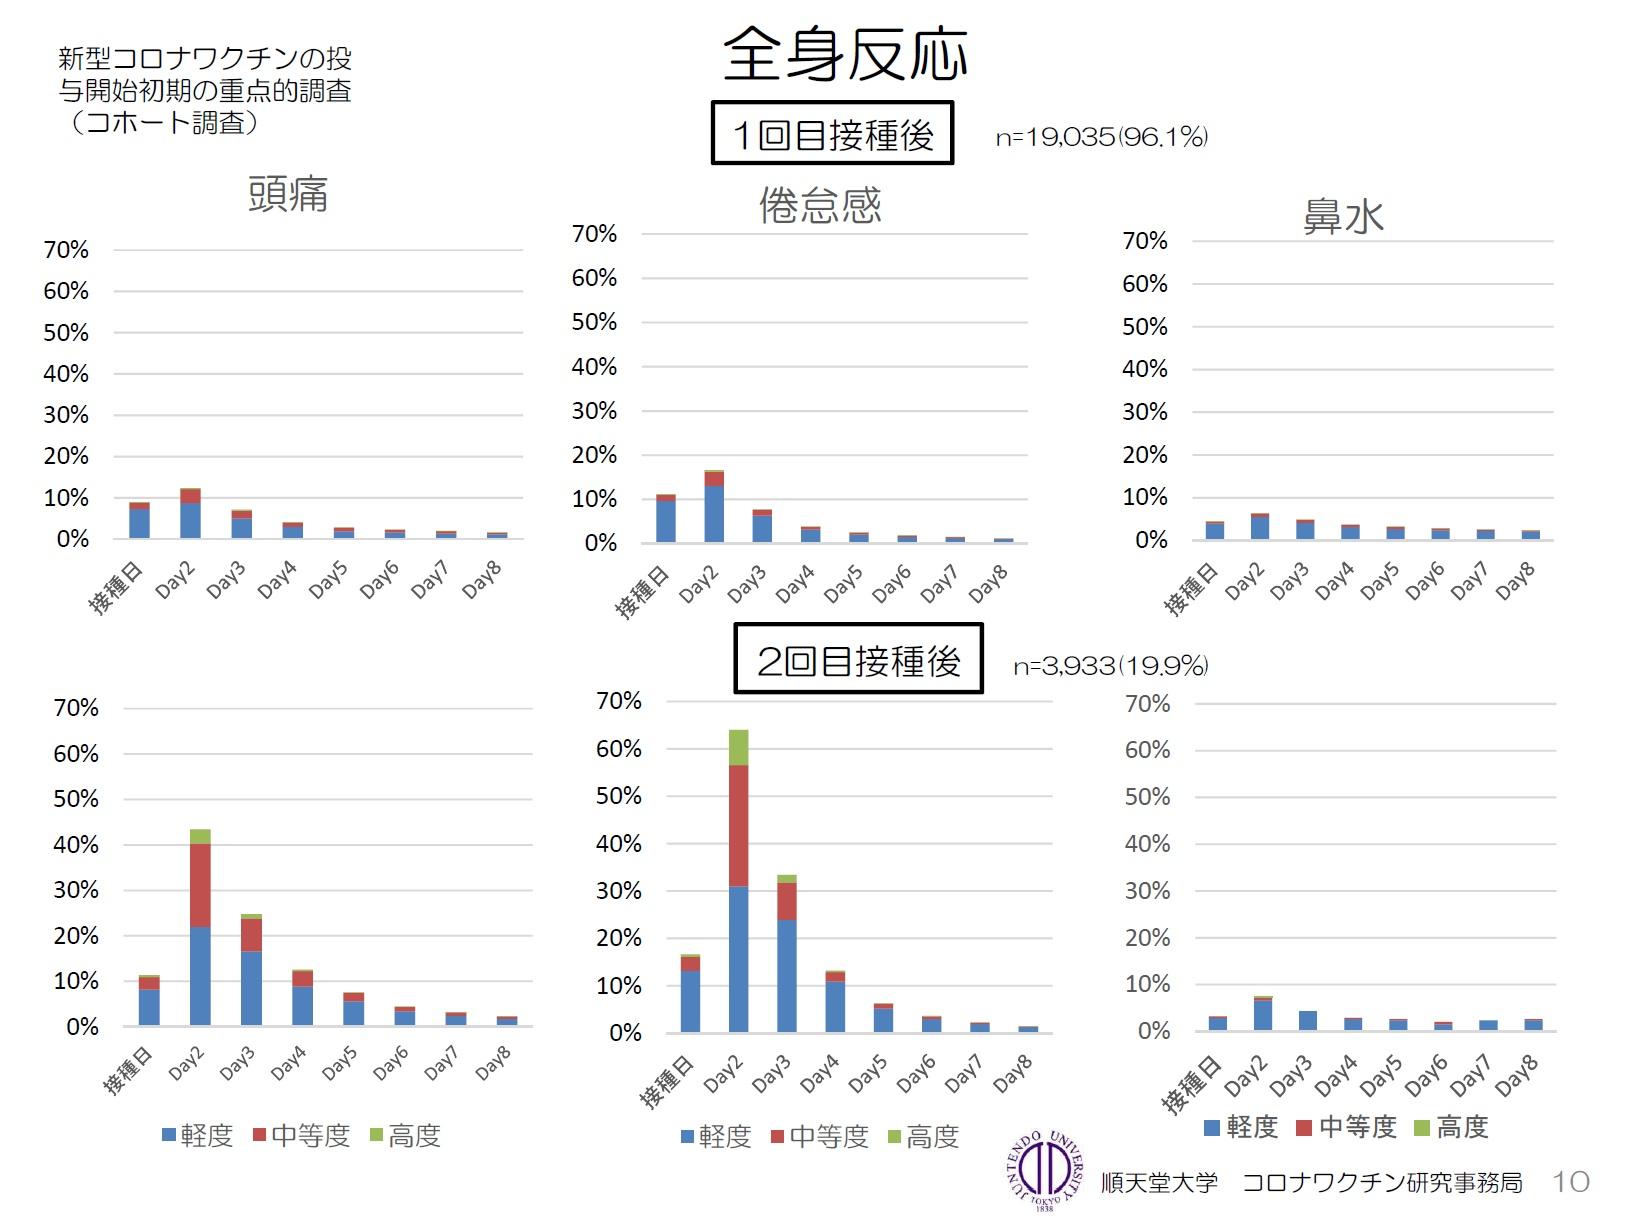 順天堂大学グラフ